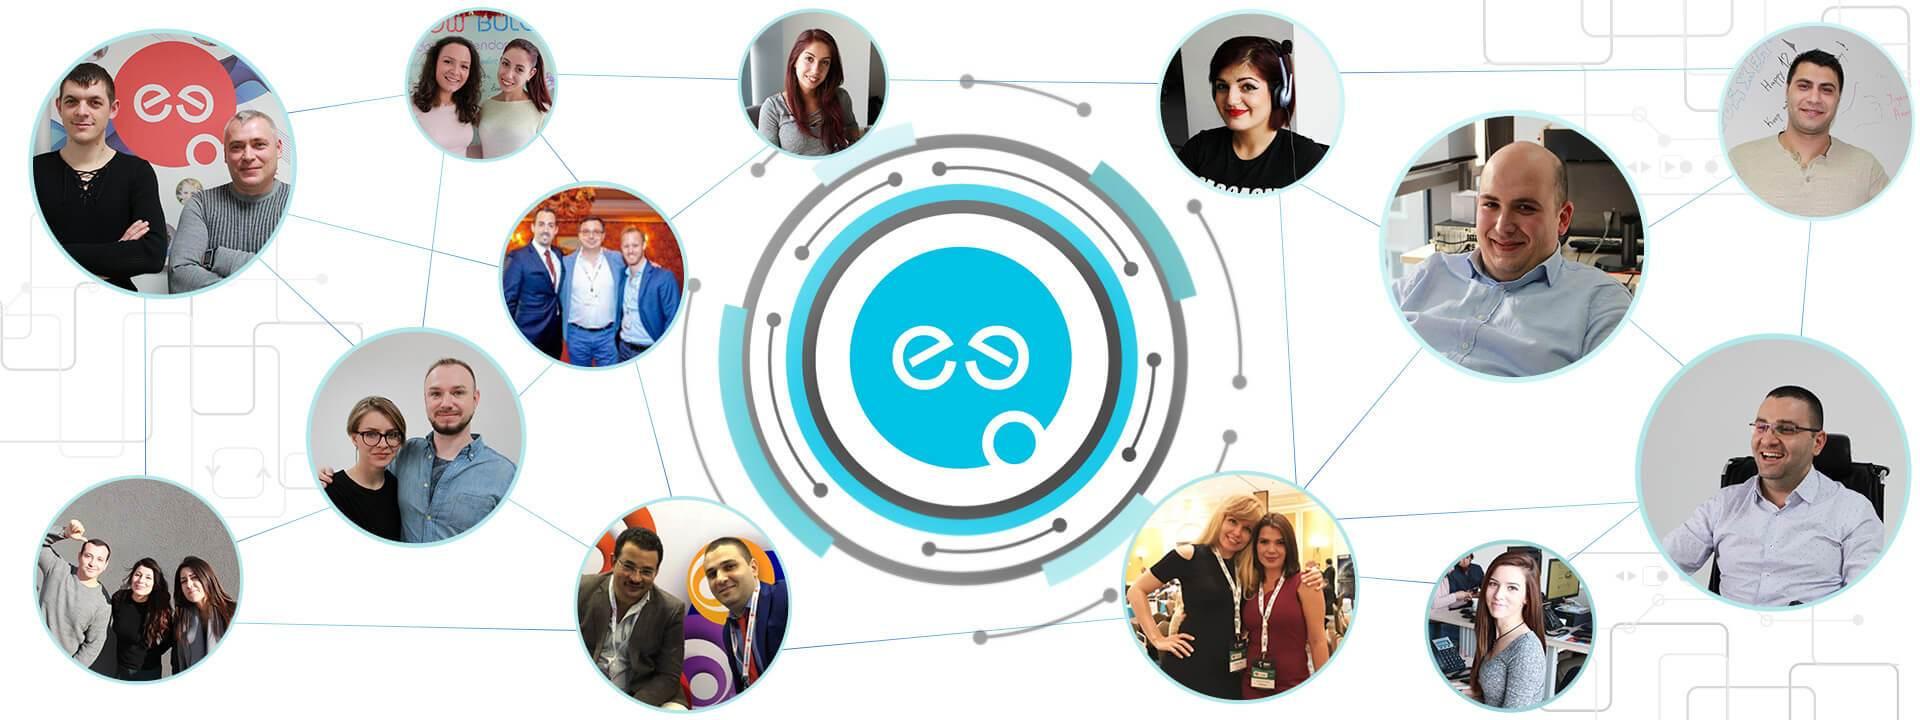 Speedflow Bulgaria предлага Иновативни уеб услуги и дигитални решения за бизнеса